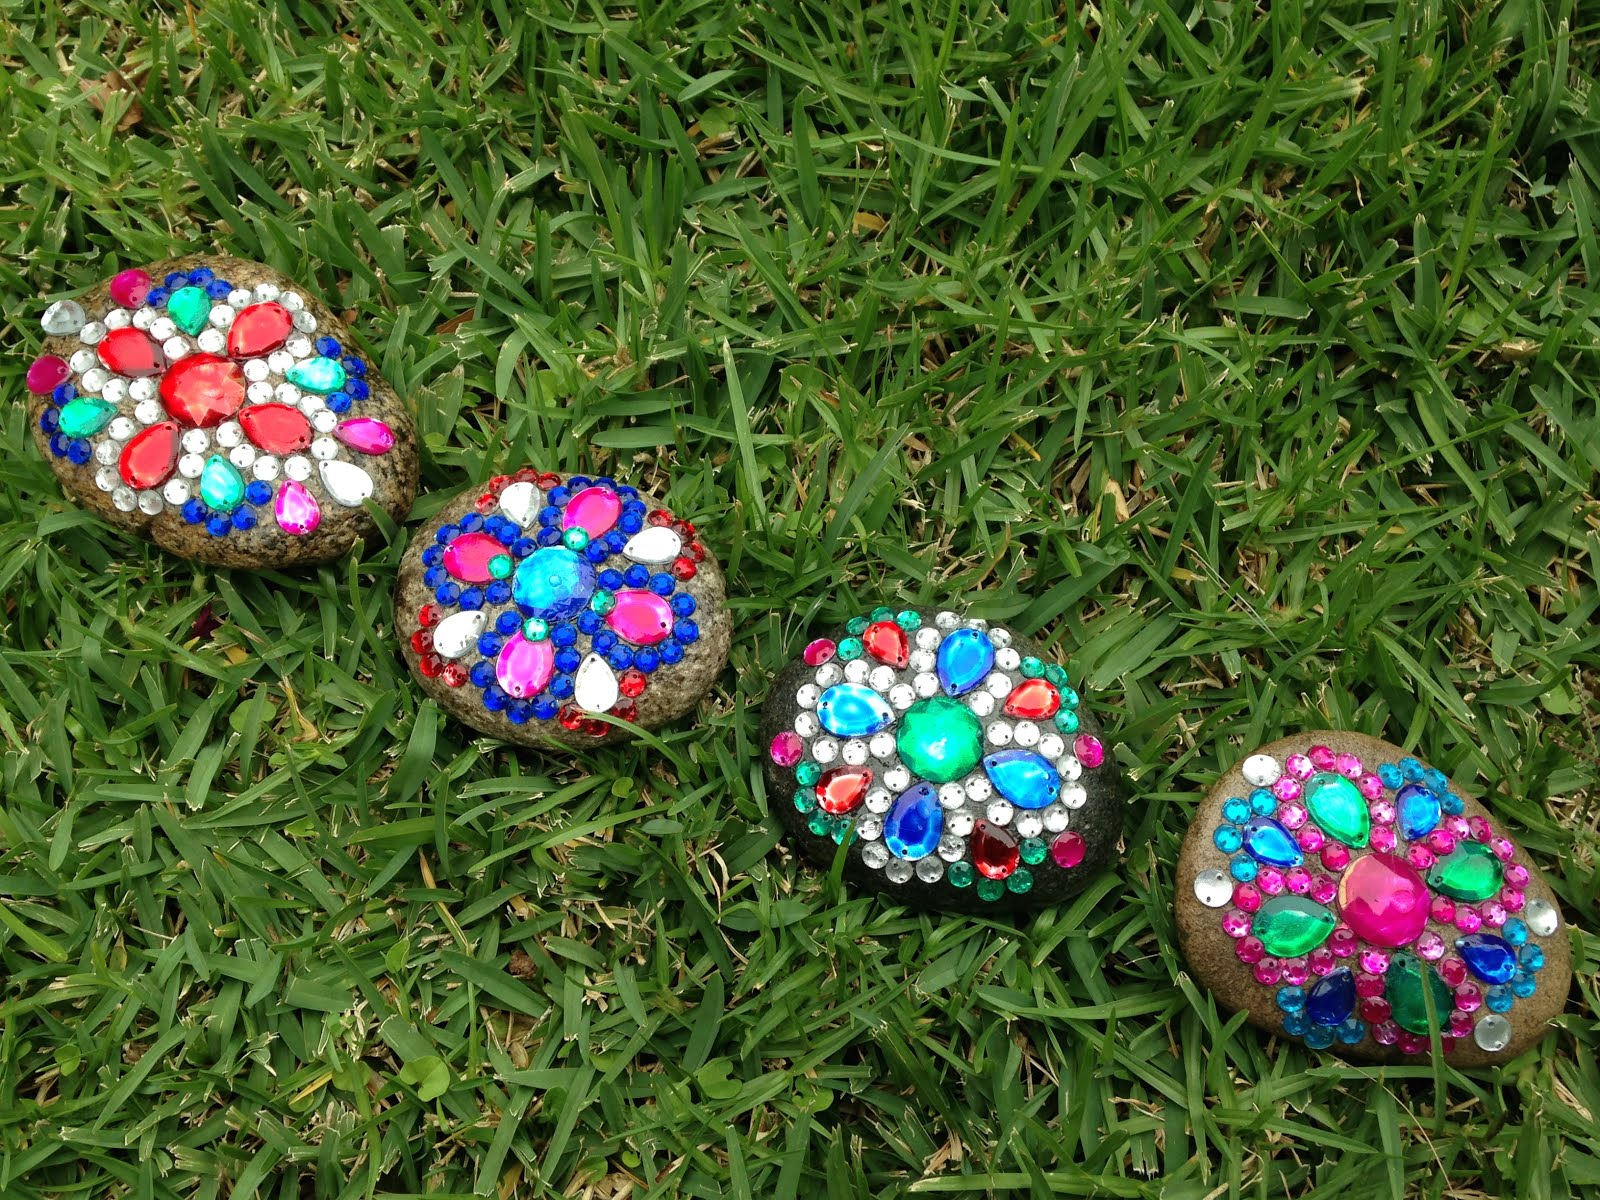 Disfruta creando piedras decoradas con brillo - Como decorar jardines con piedras ...